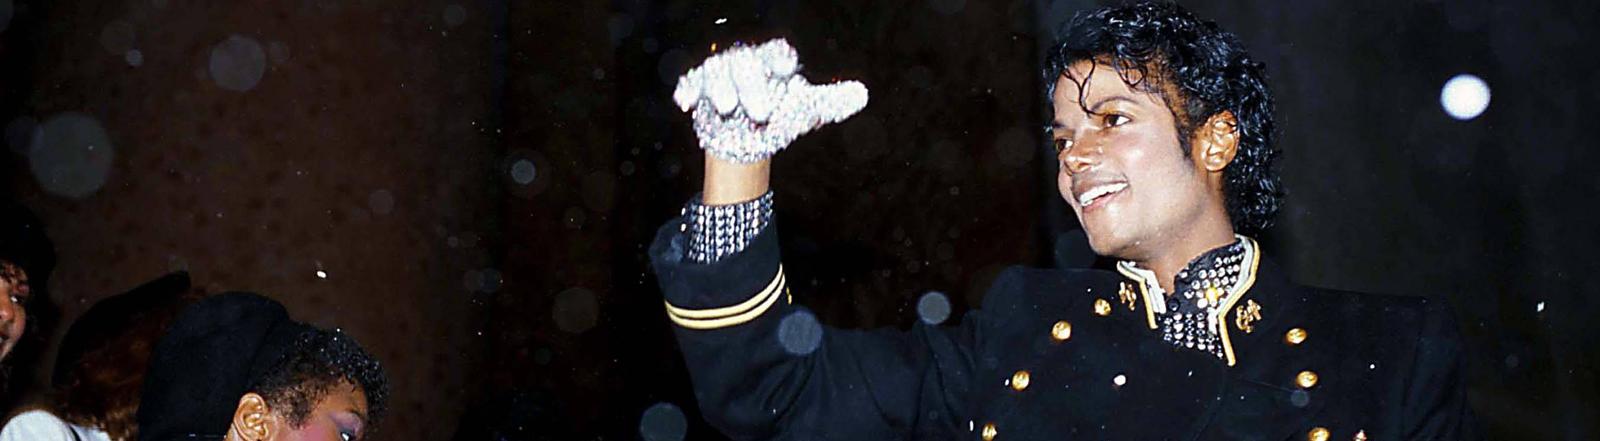 Michael Jackson bei einem Auftritt - undatierte Aufnahme